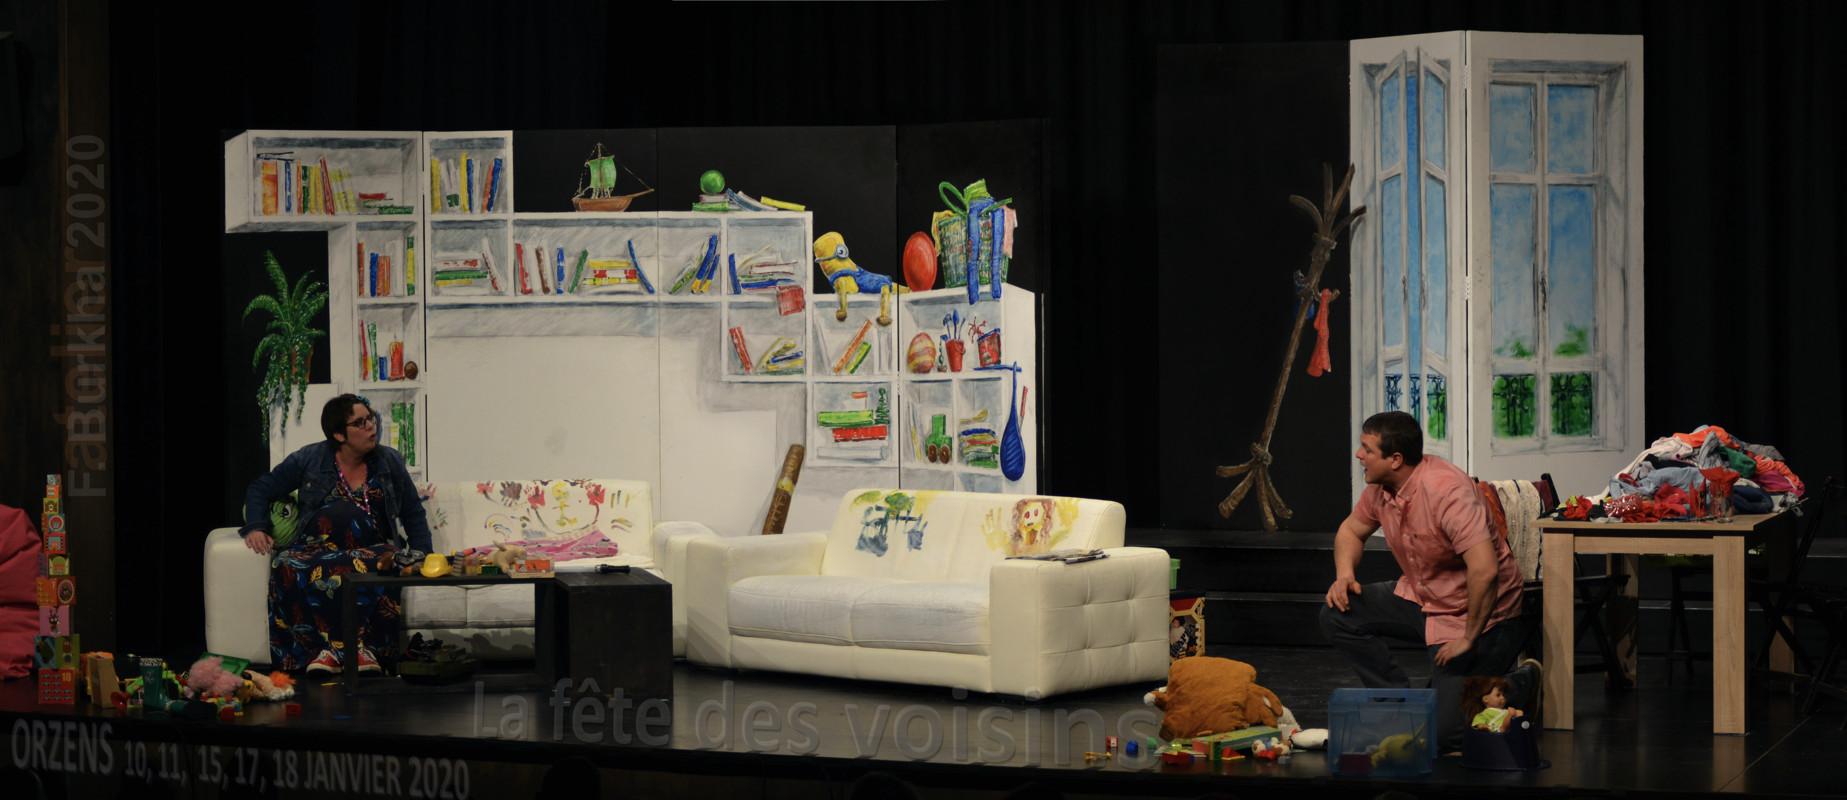 03 F-Burkha scenographie FETE DES VOISINS 2020